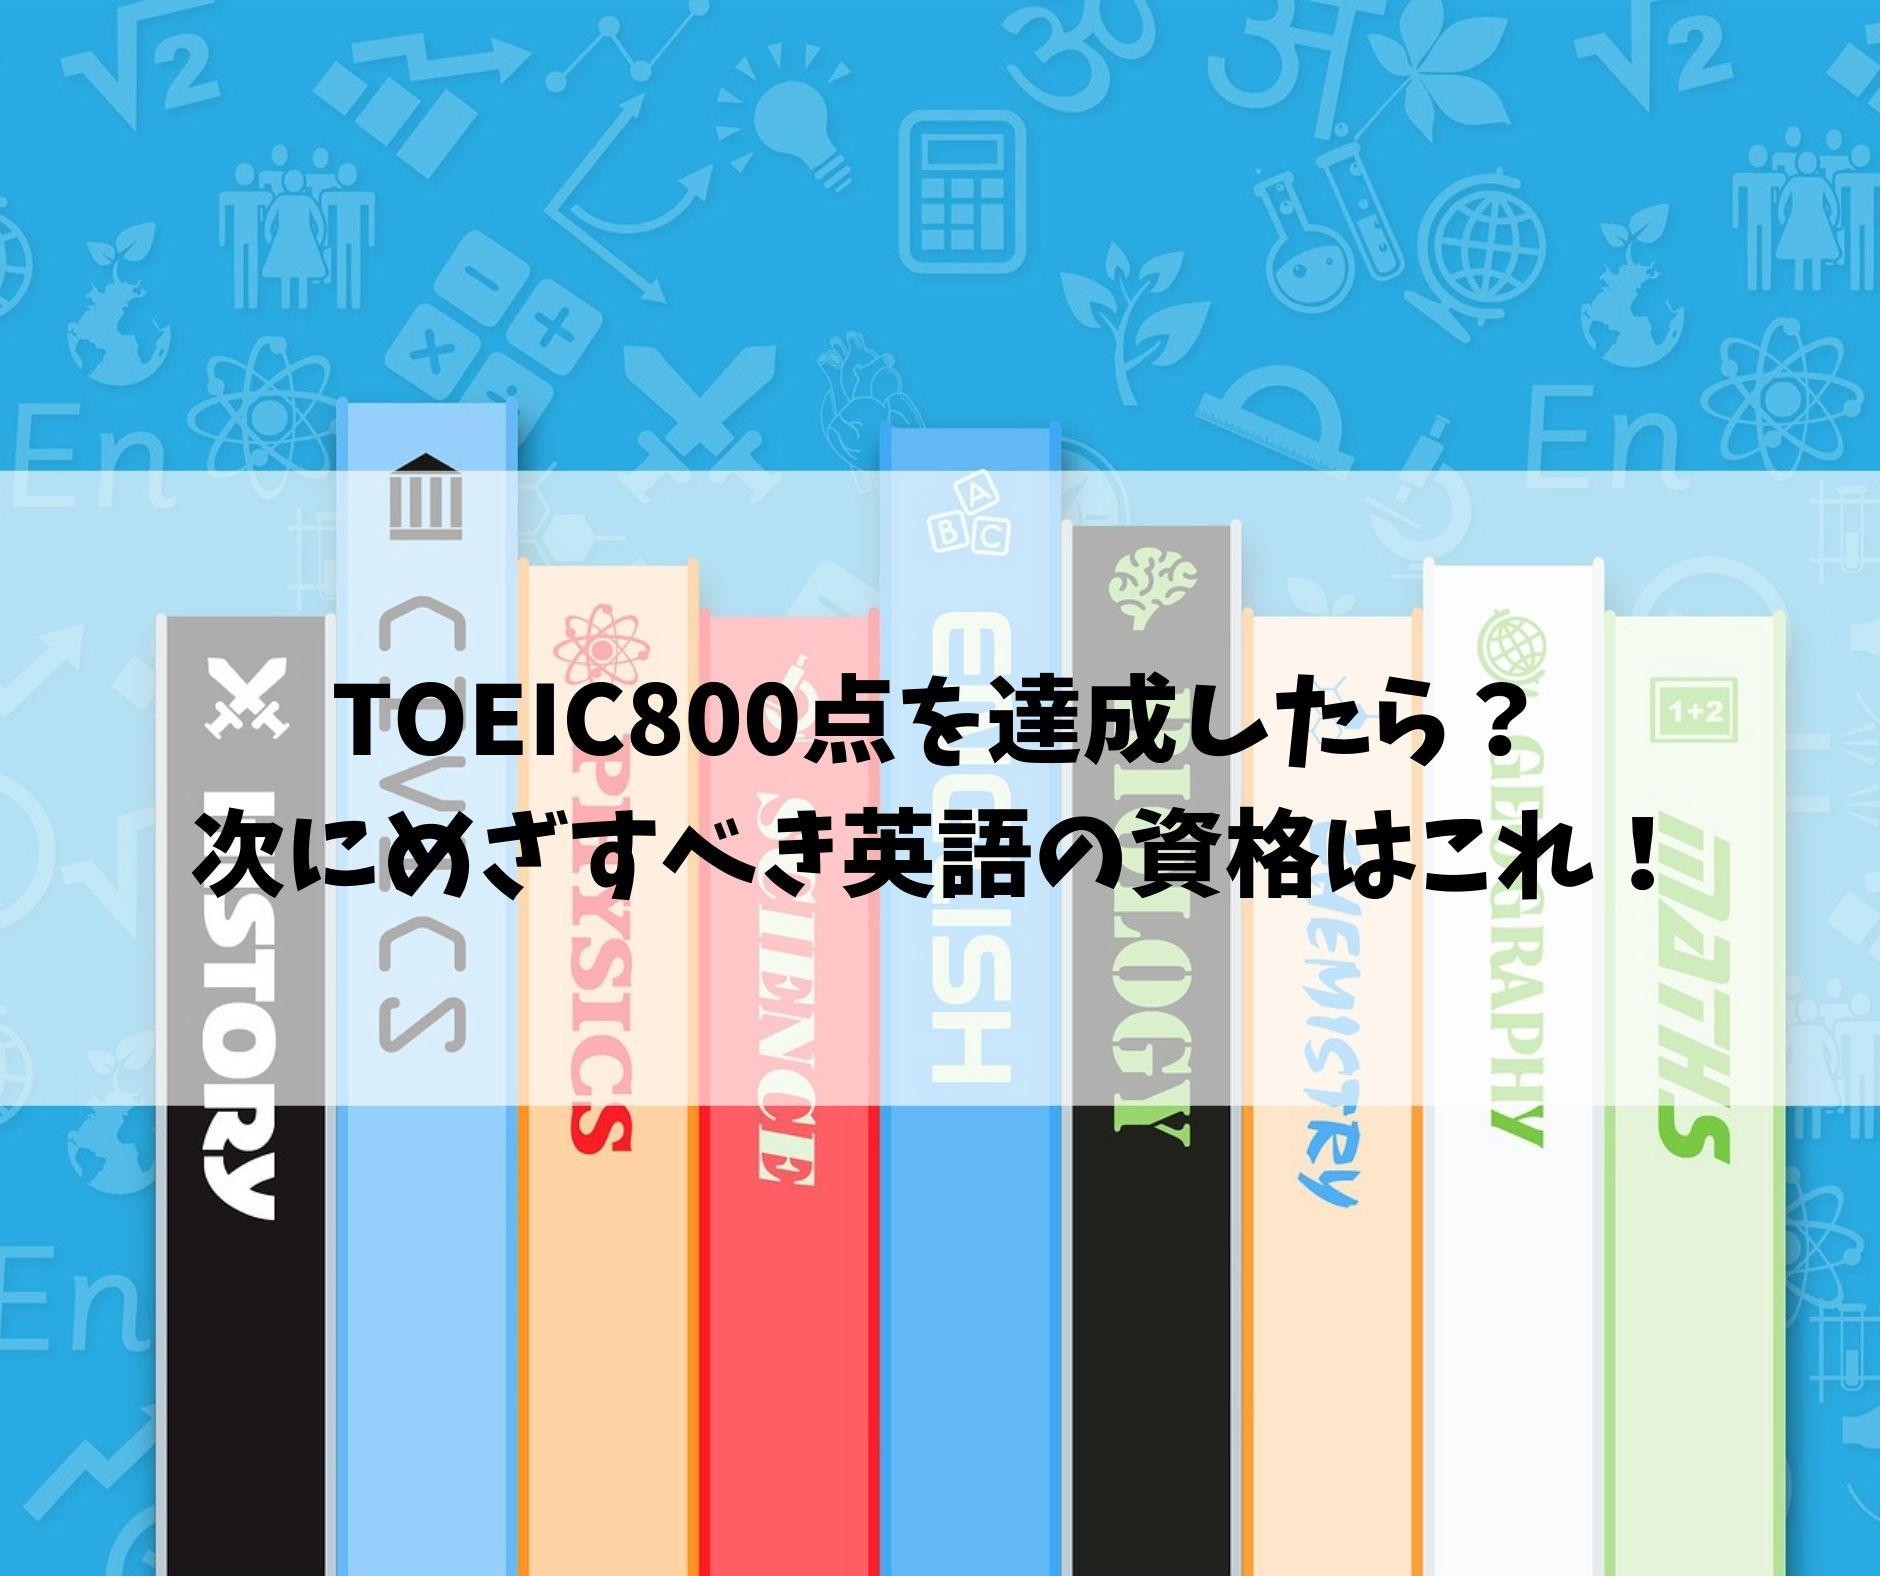 TOEIC800点を達成したら?次にめざすべき英語の資格はこれ!